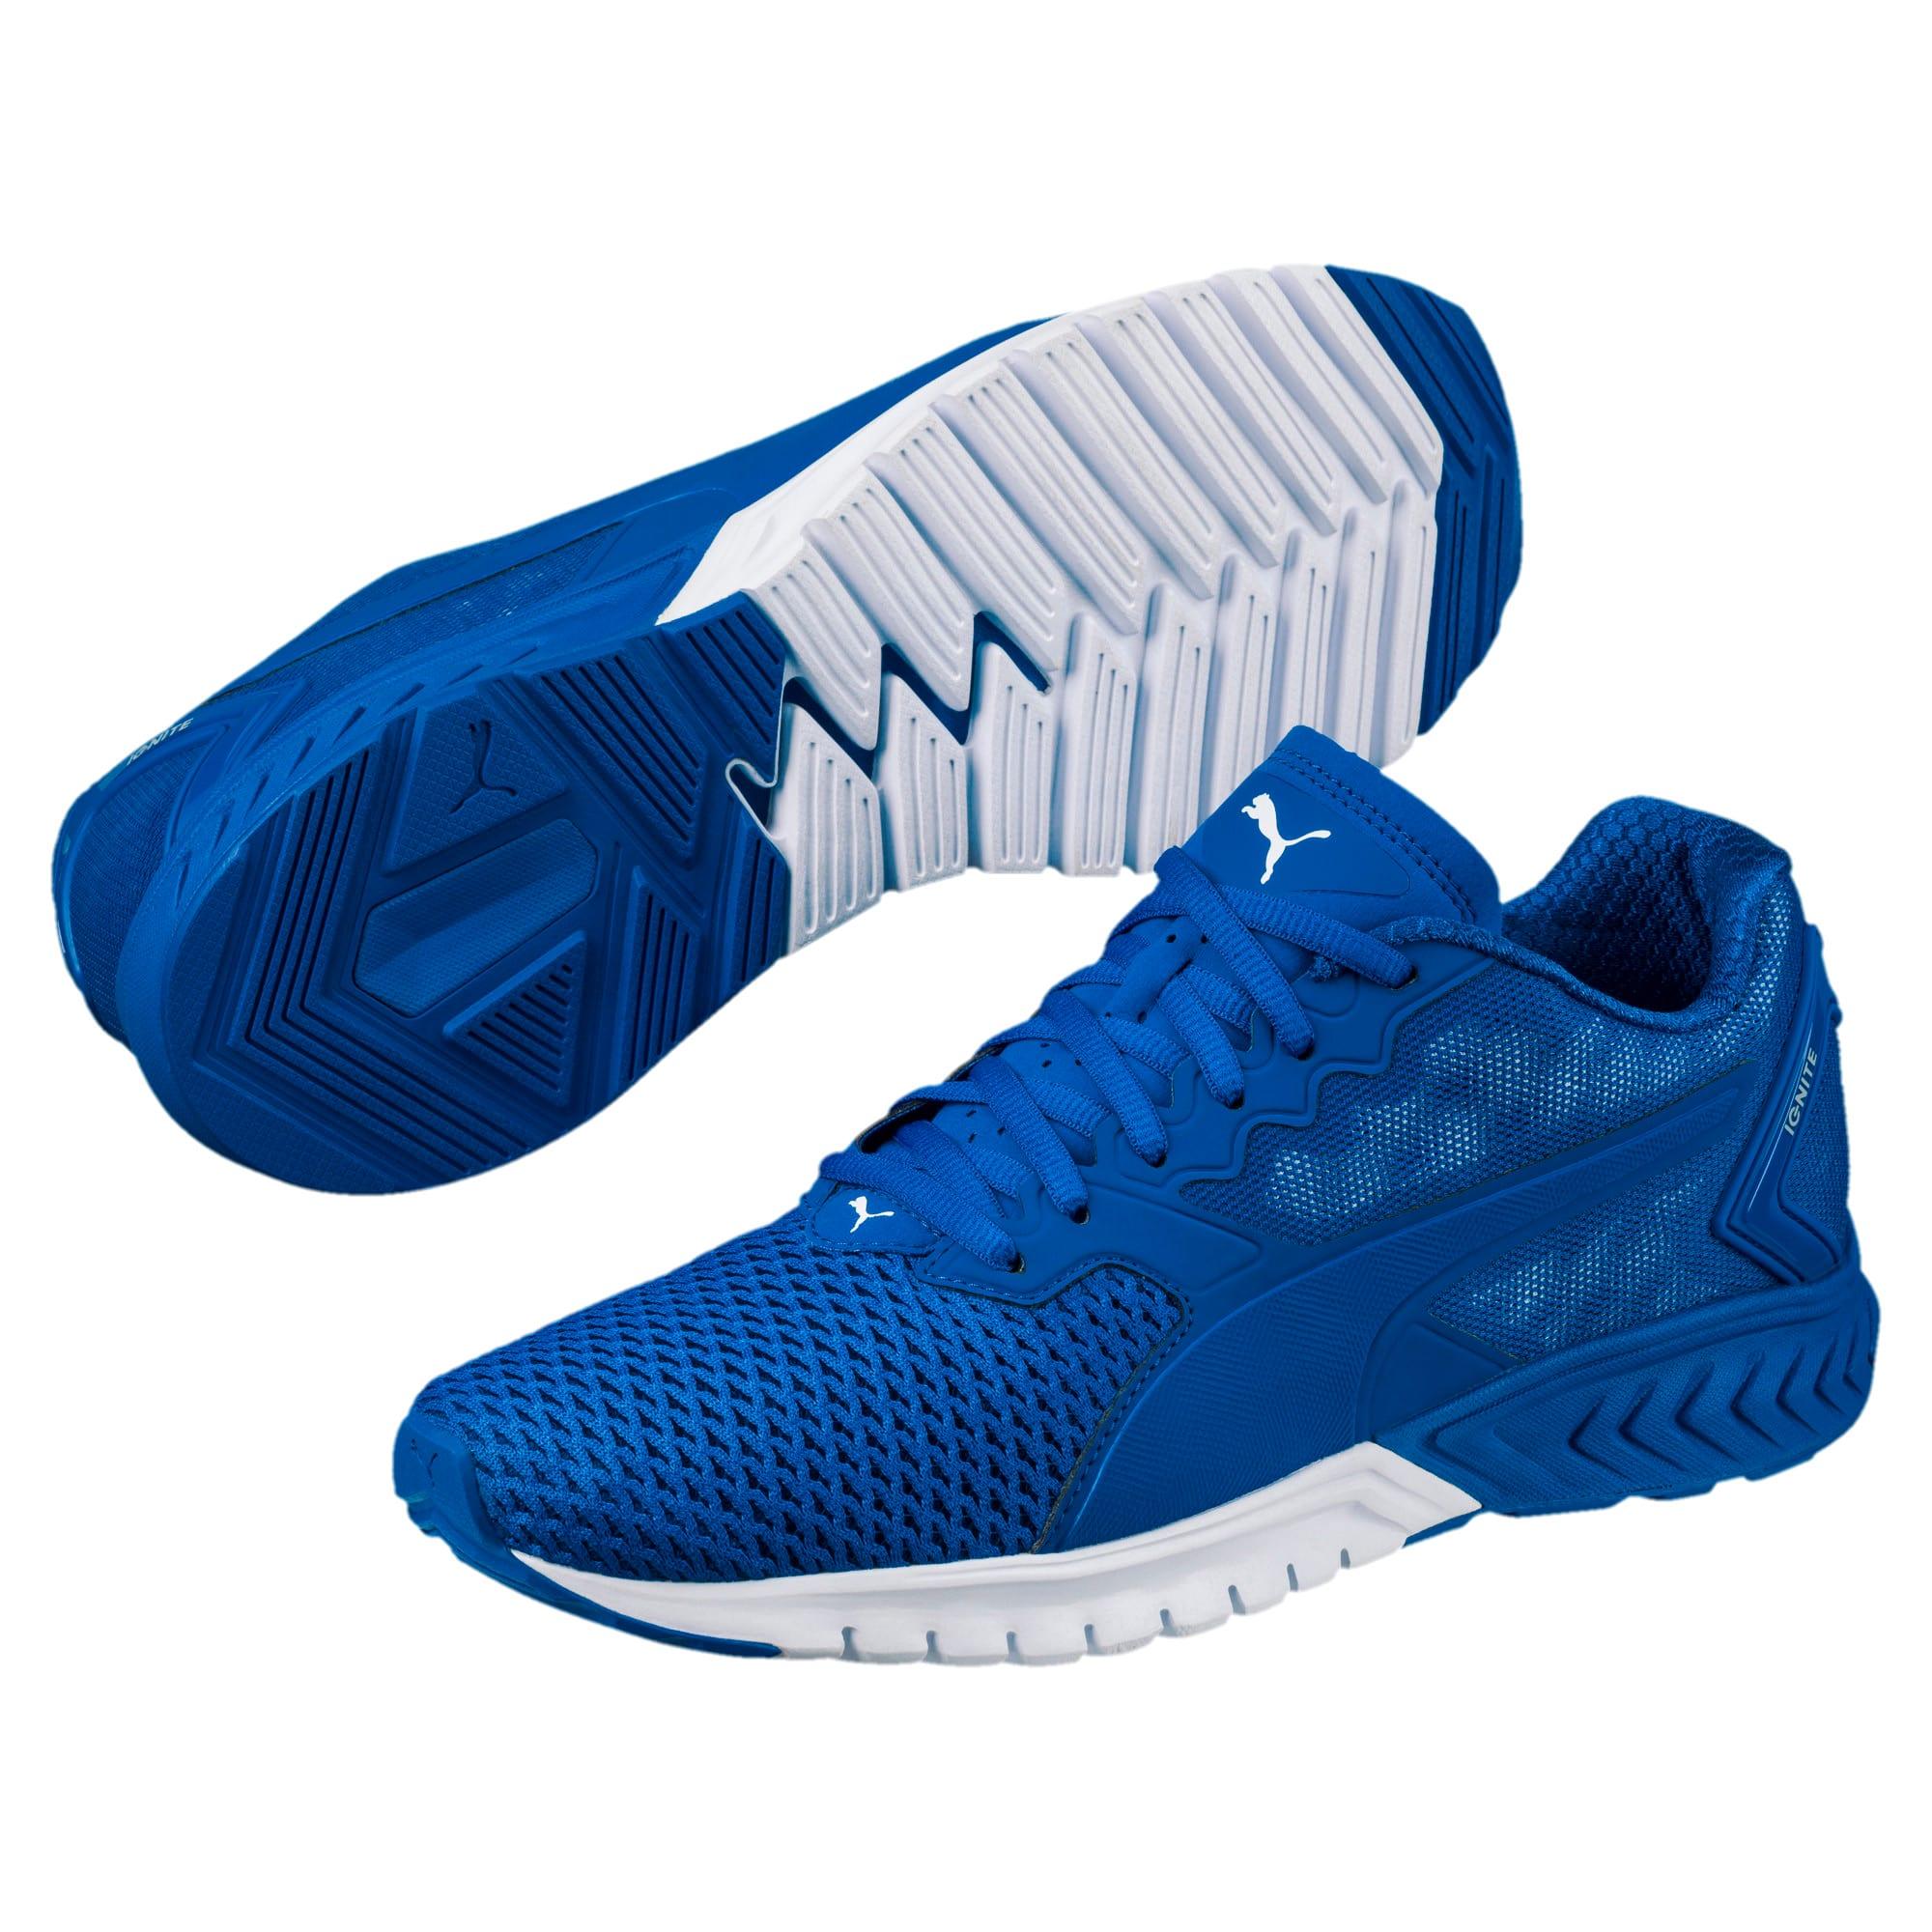 Thumbnail 2 of IGNITE Dual Mesh Men's Running Shoes, Lapis Blue-Quarry, medium-IND